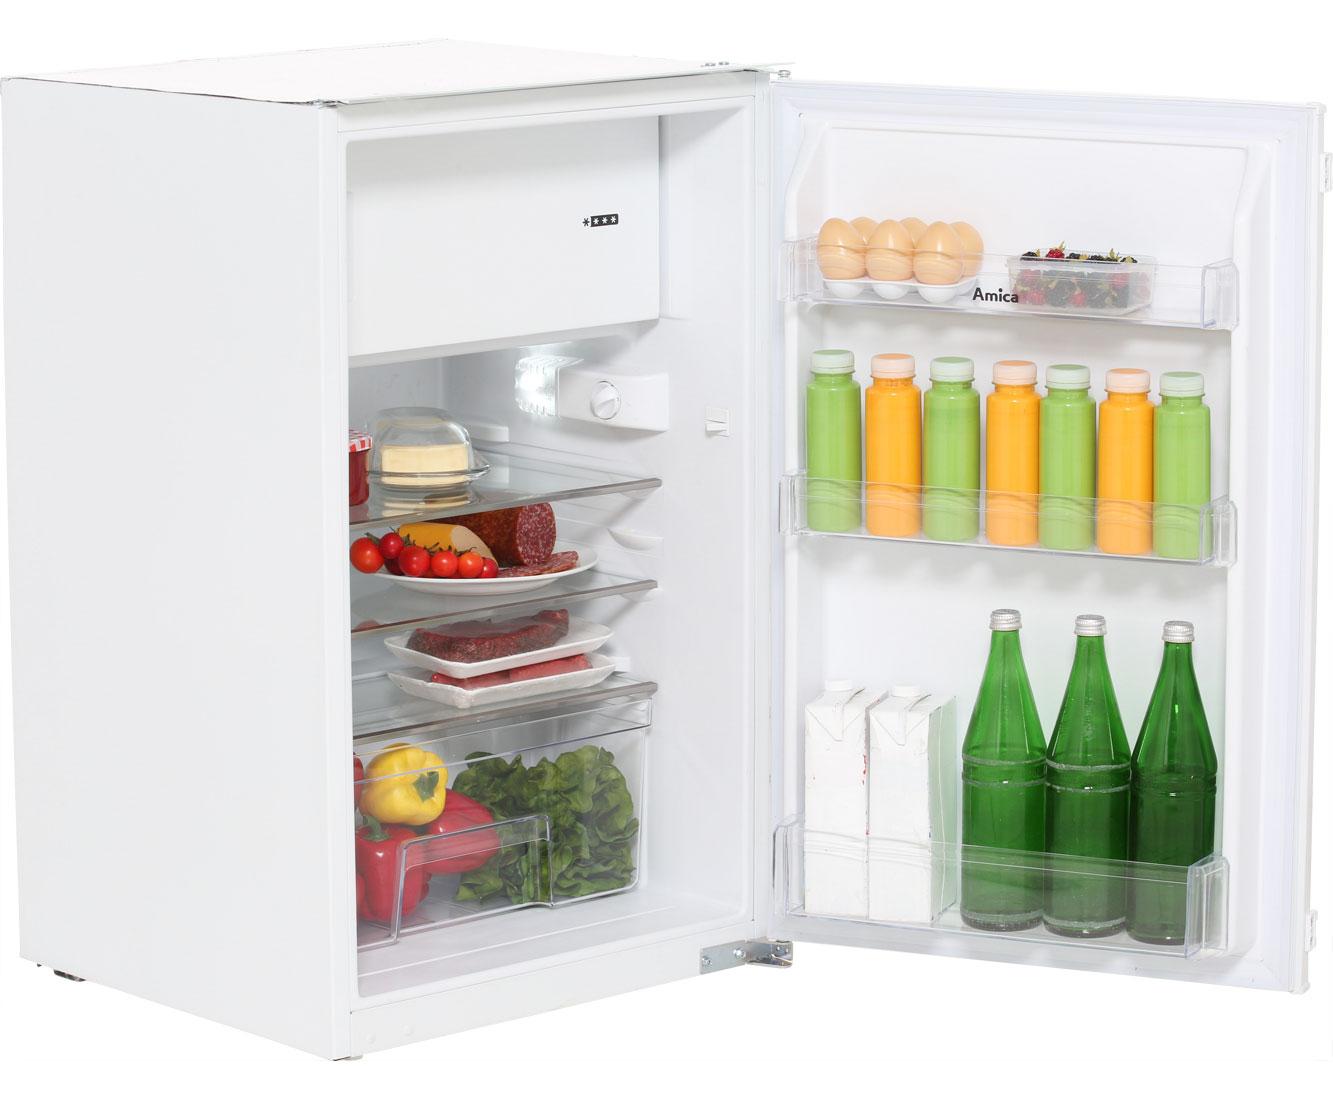 Aeg Kühlschrank Mit Gefrierschrank : Kühlschränke mit lieferung bis zum aufstellungsort ao.de